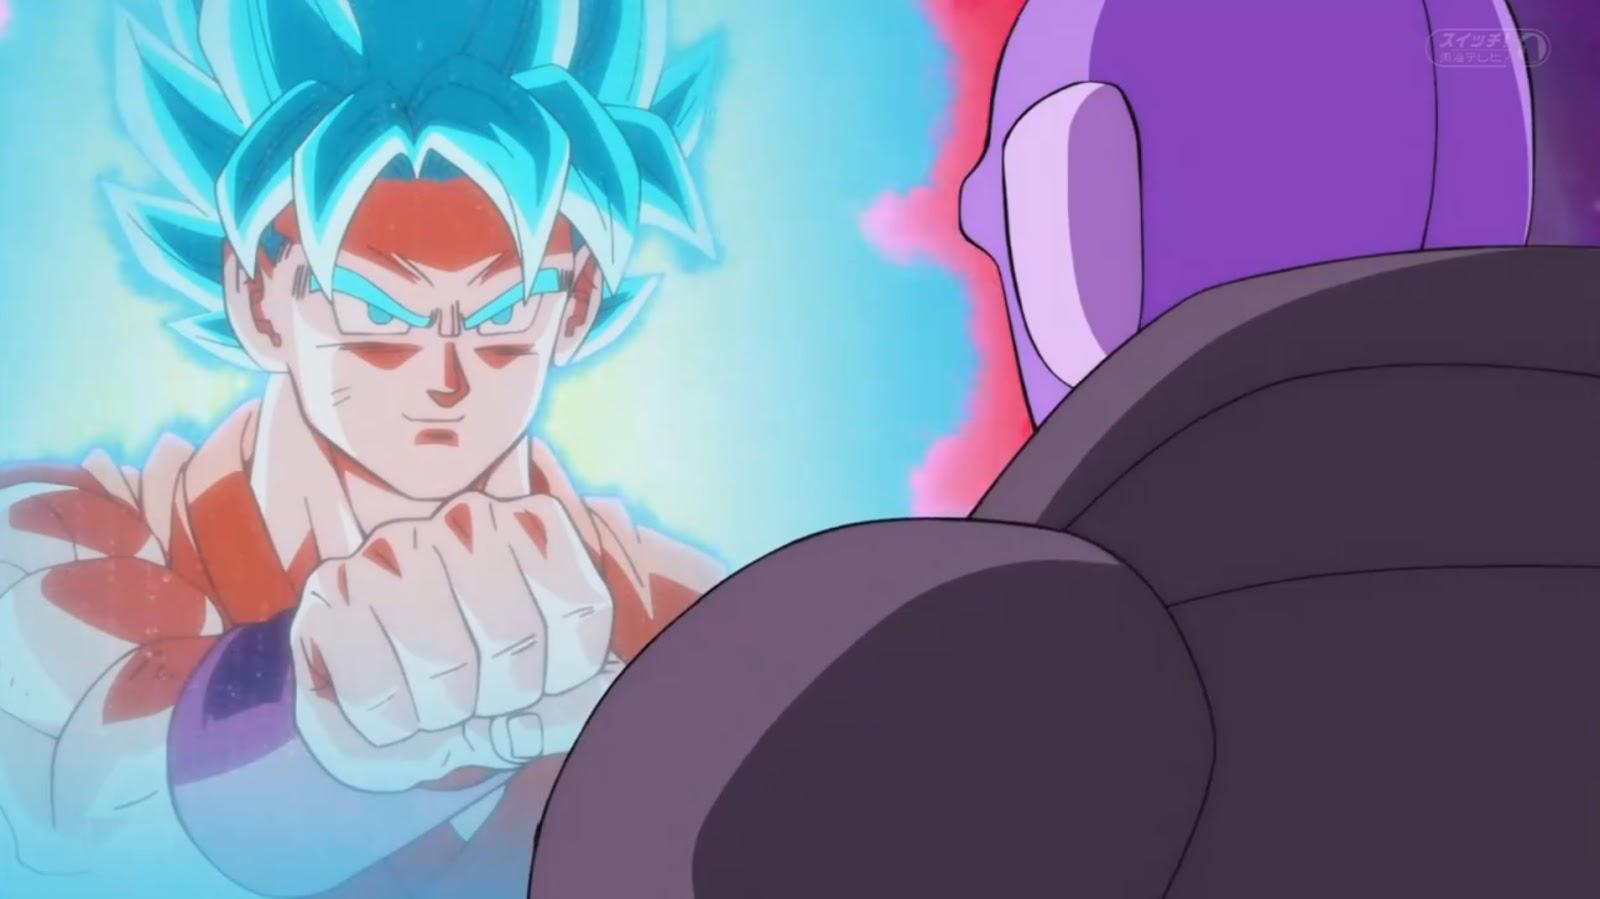 Dragon Ball Super Dublado Episódio 40, Assistir Dragon Ball Super Dublado Episódio 40, Dragon Ball Super Dublado , Dragon Ball Super Dublado - Episódio 40,